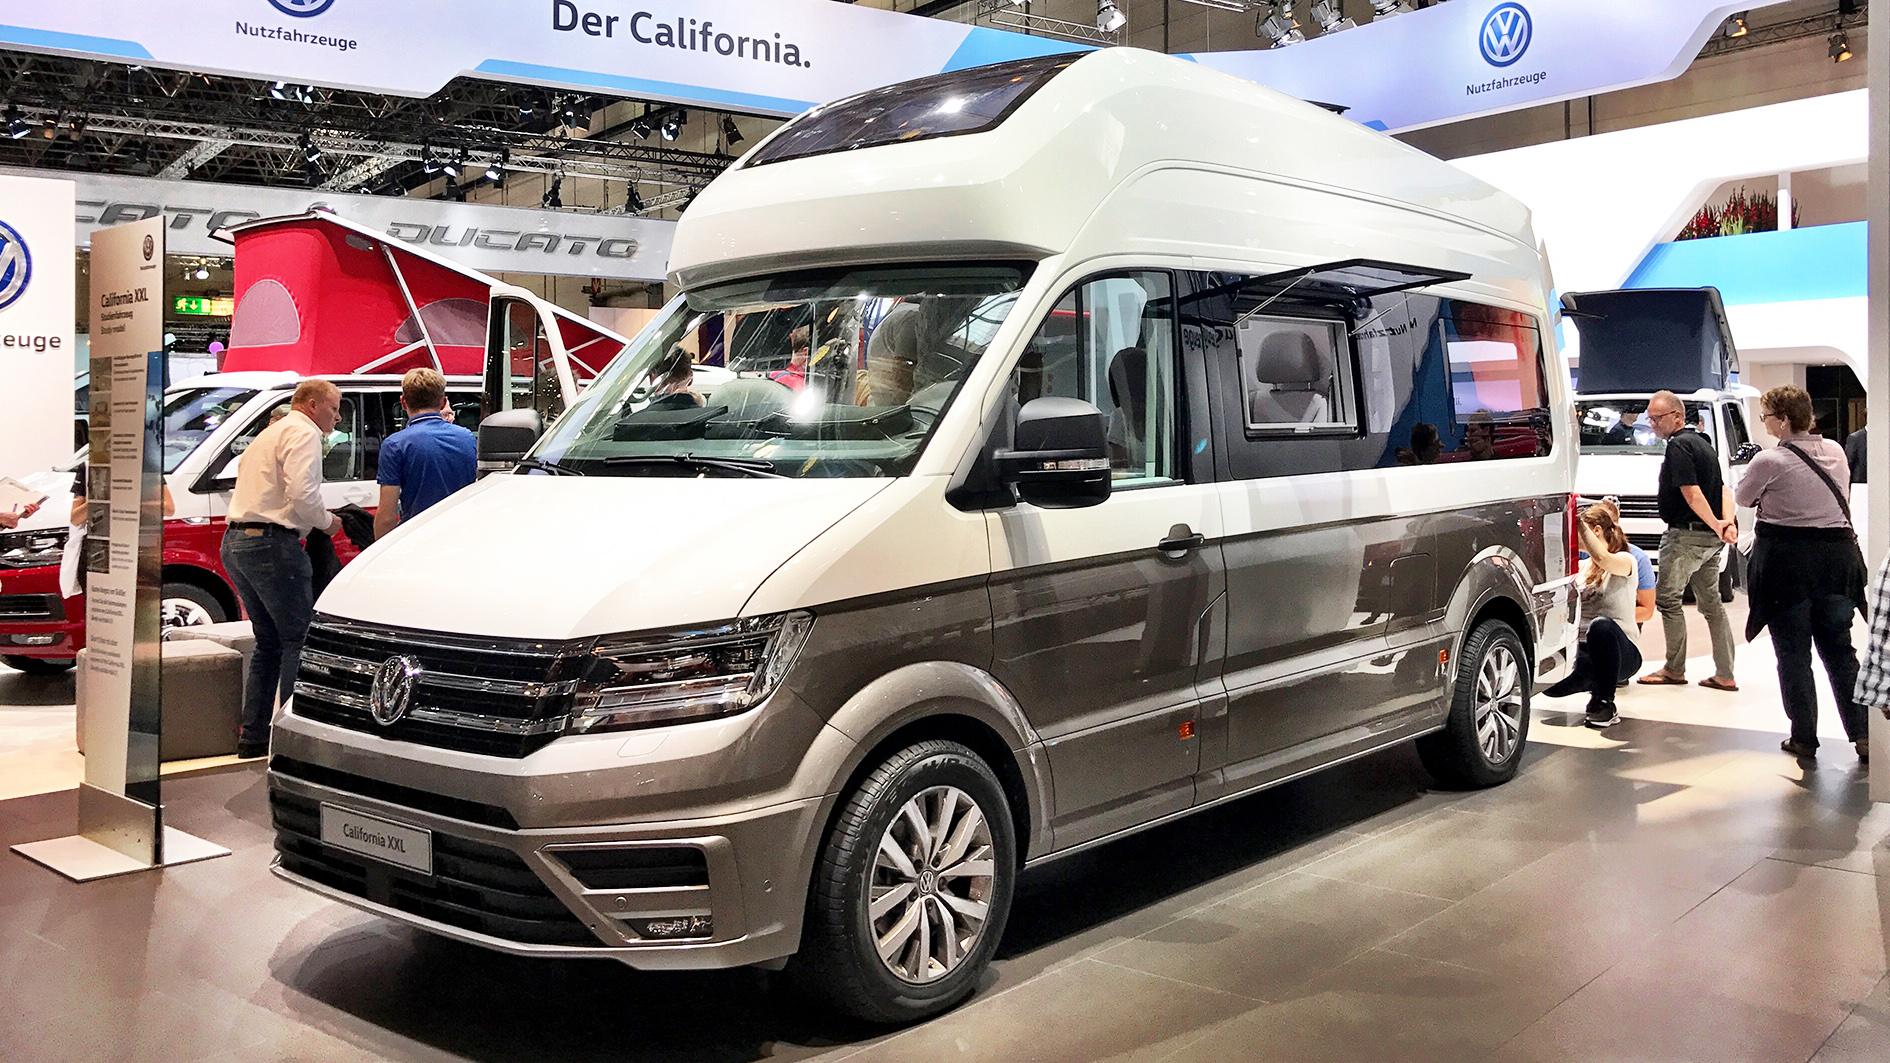 weltpremiere des vw california xxl das crafter reisemobil beim caravan salon 2017 die. Black Bedroom Furniture Sets. Home Design Ideas